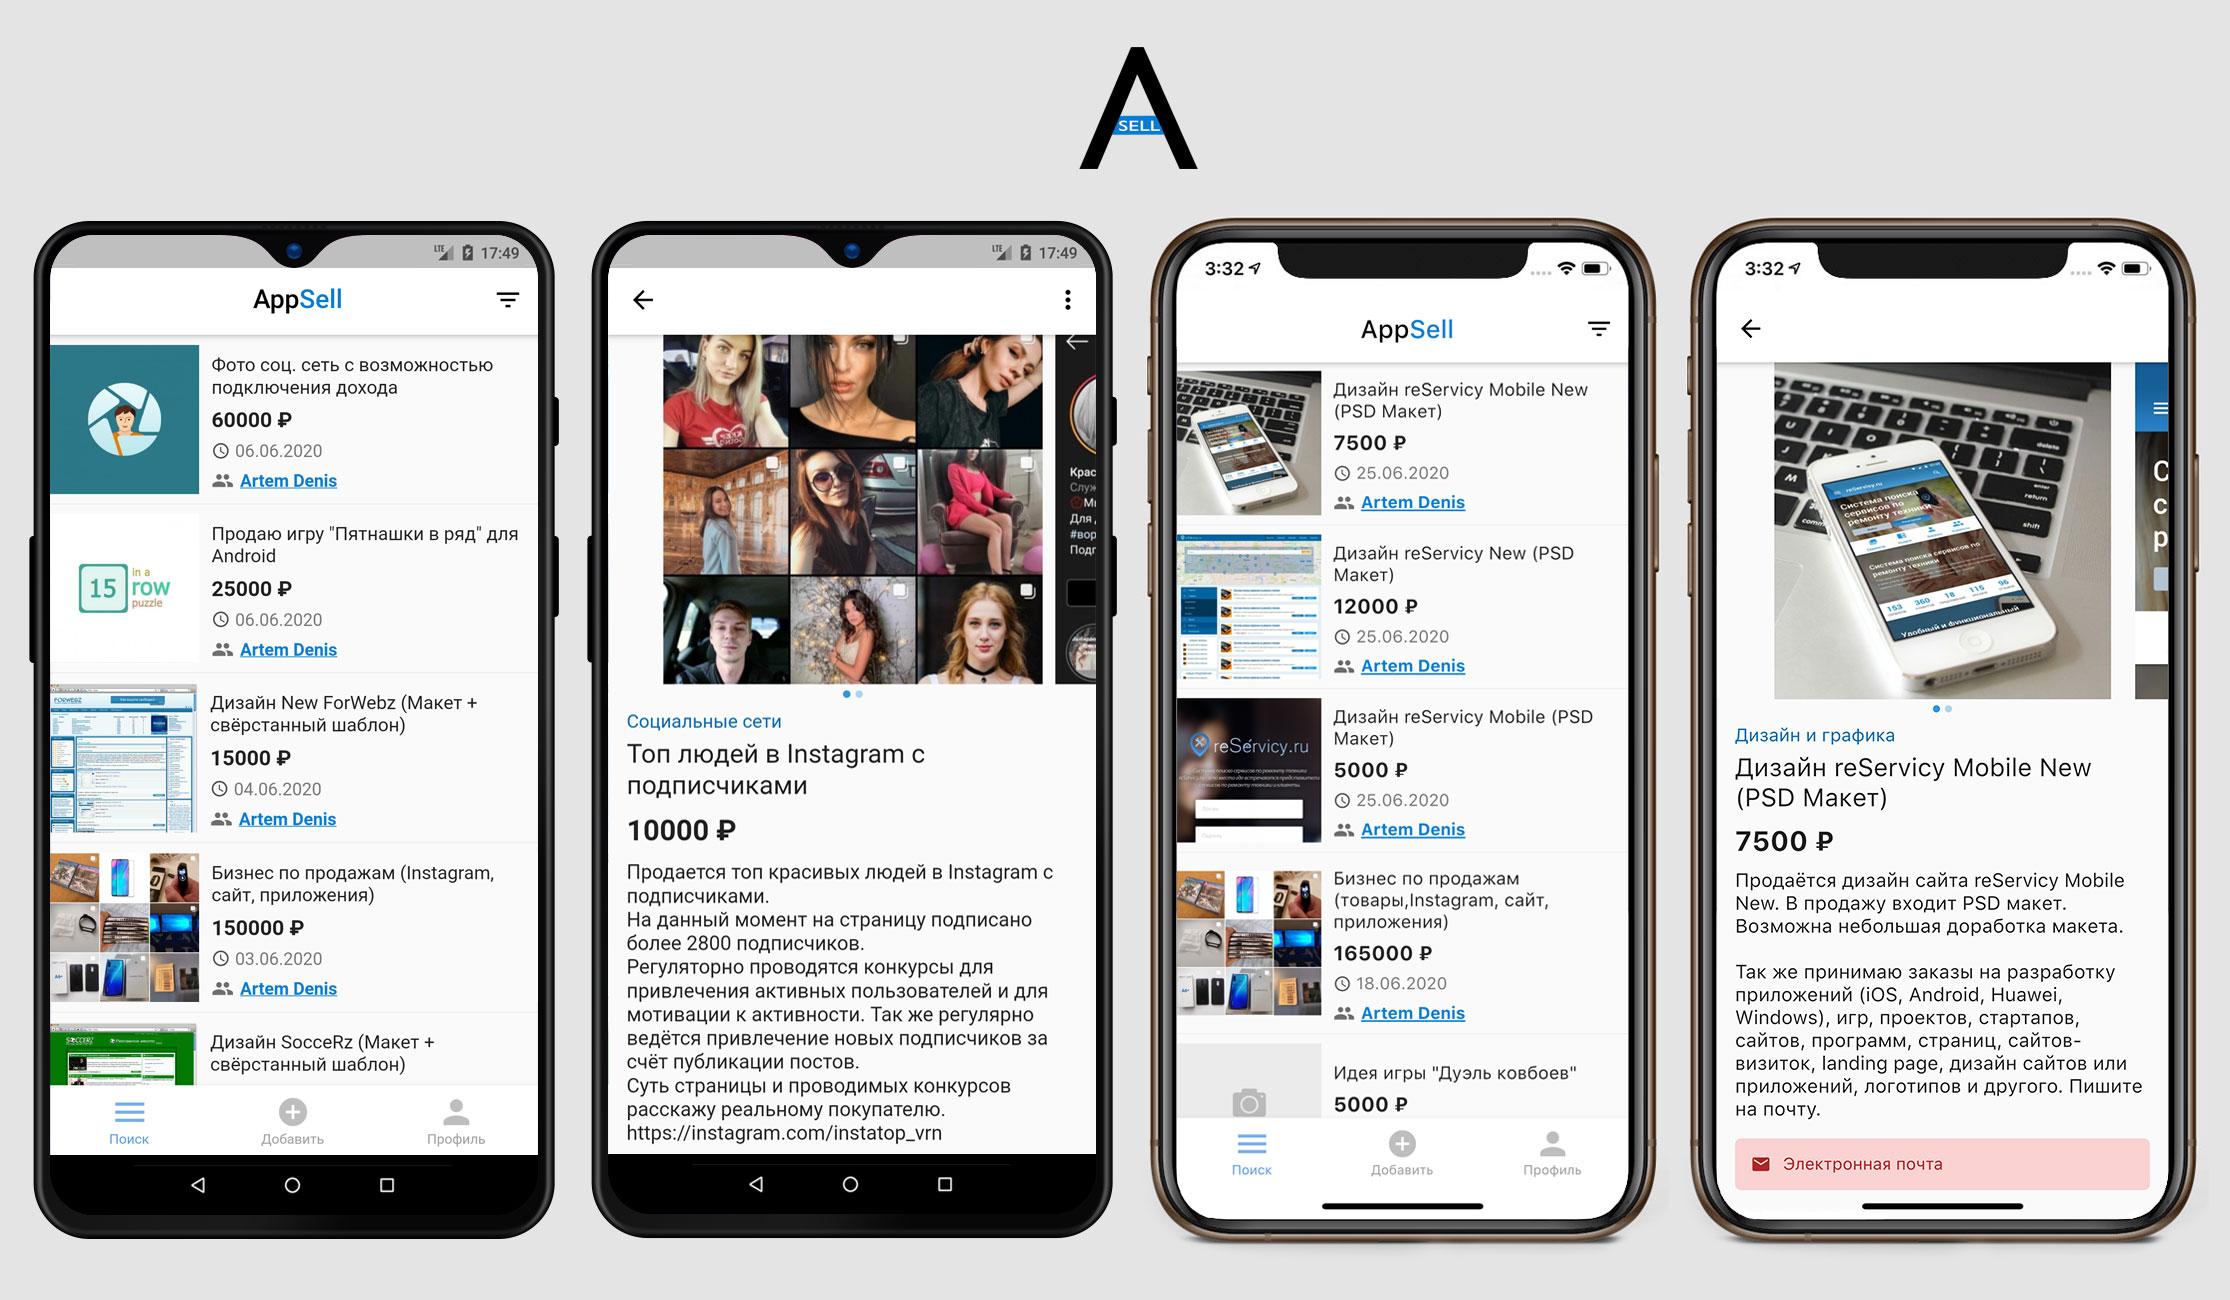 Приложение AppSell для Android и iOS (Flutter)